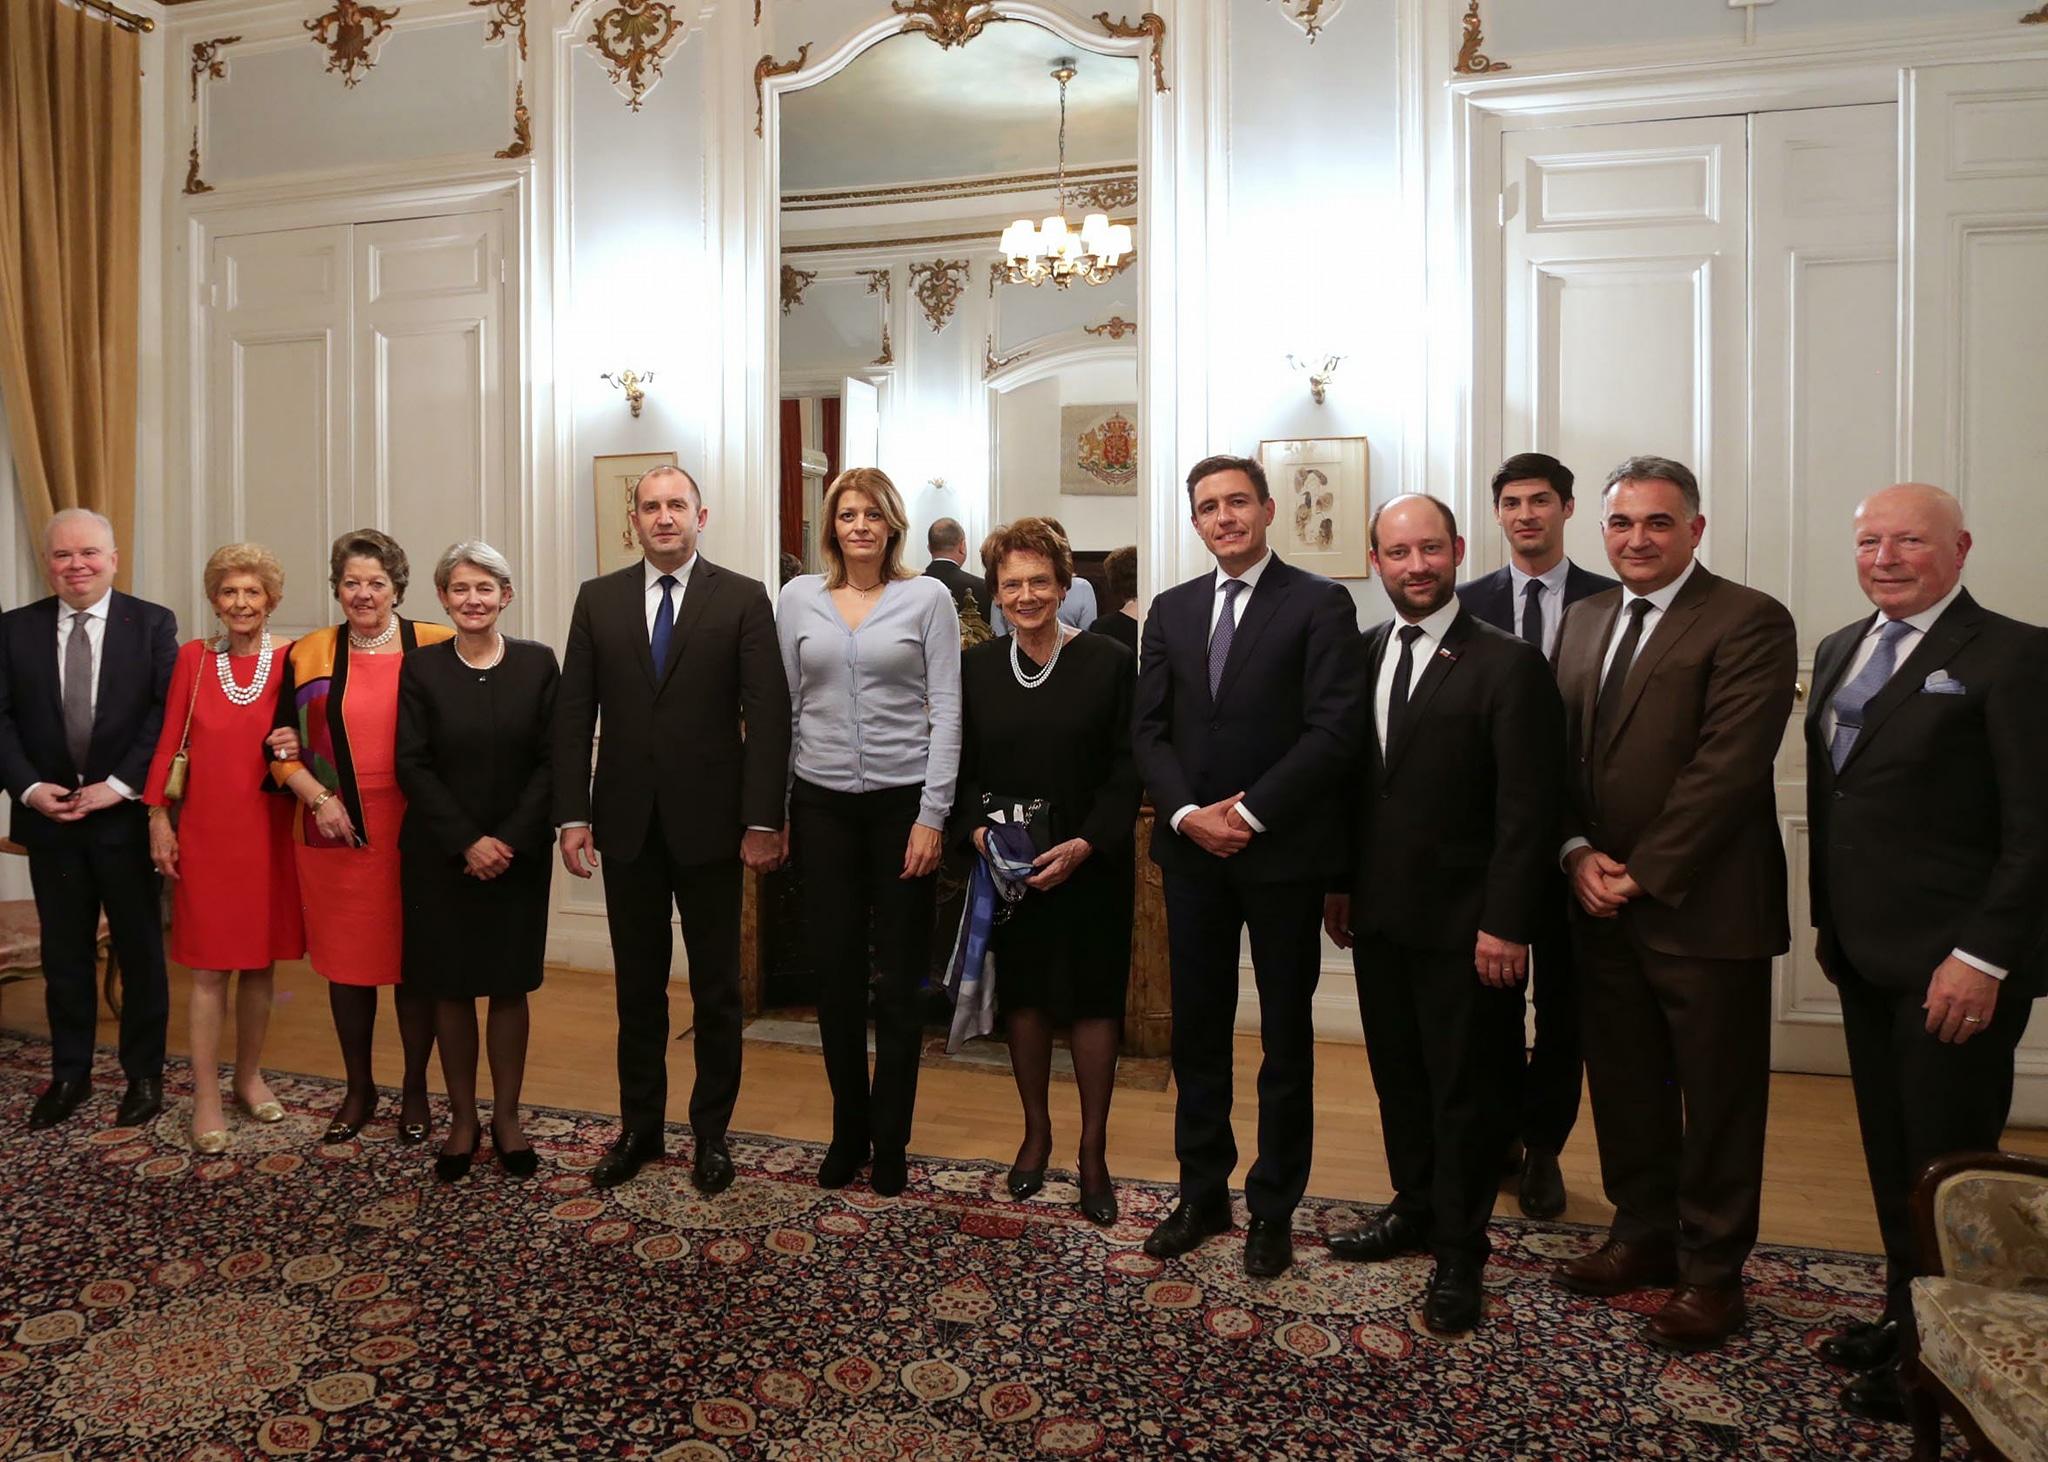 Десислава Радева по жилетка на среща във Франция асд